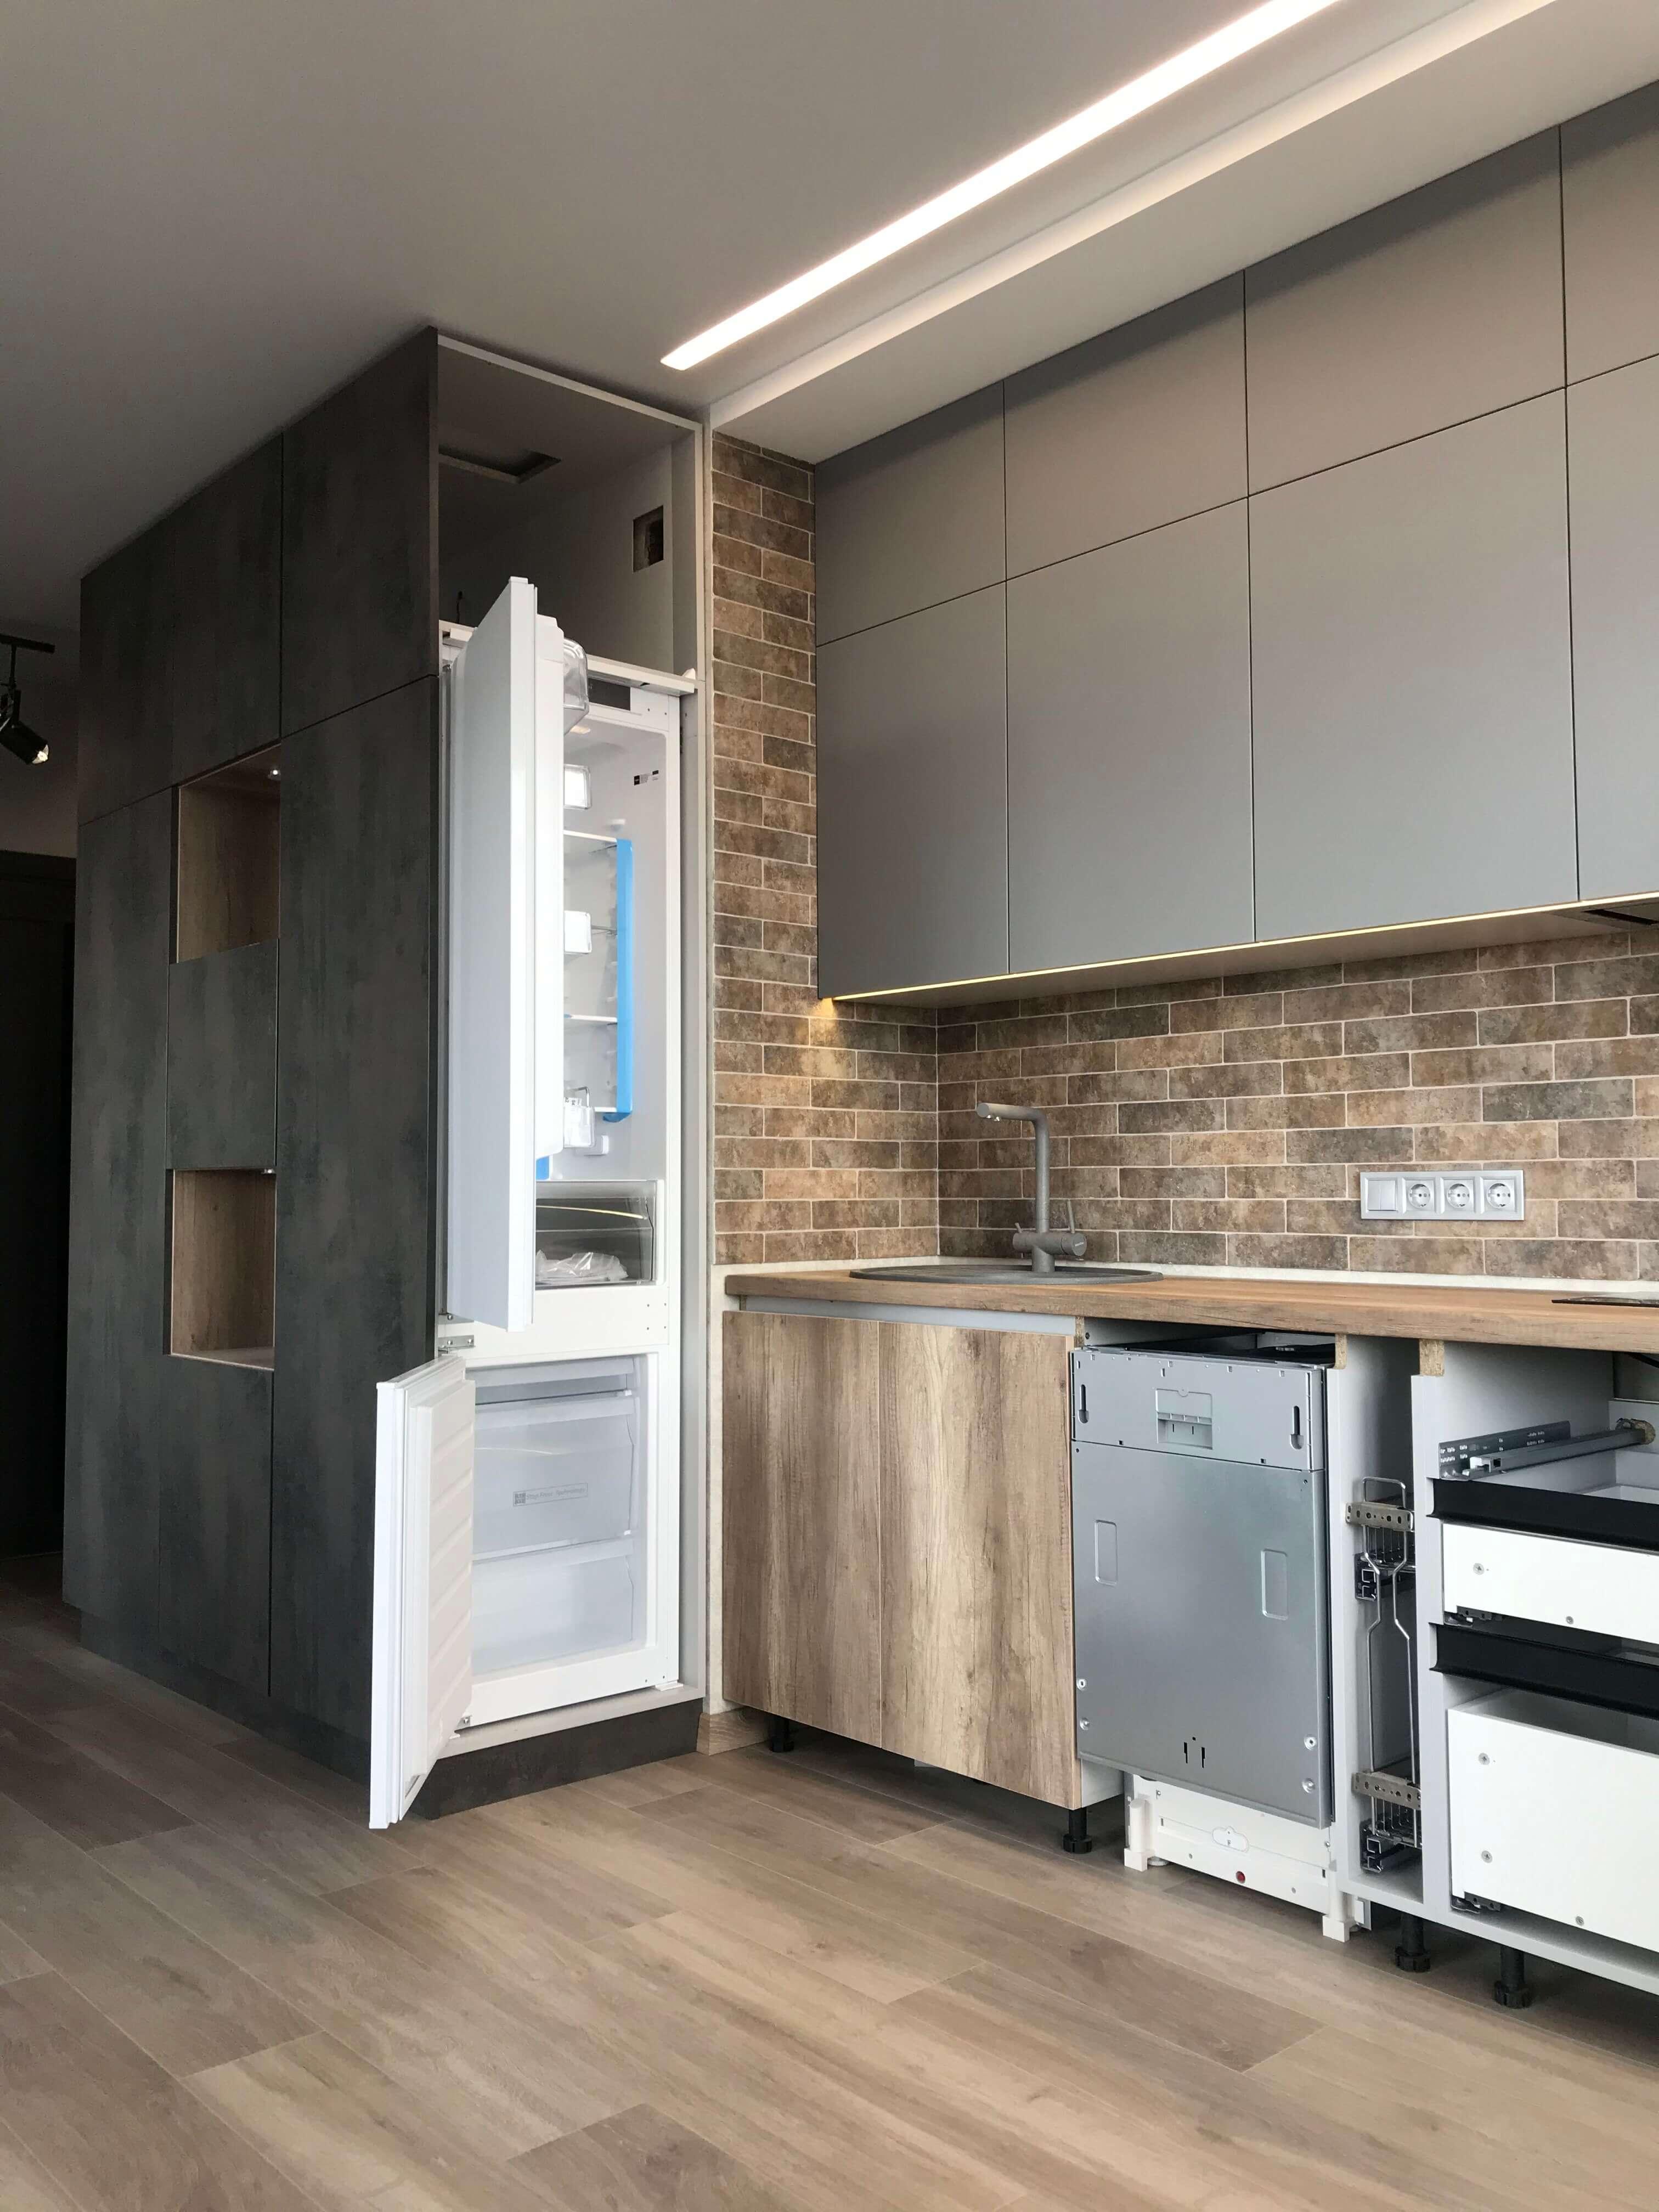 Лофт в ЖК Варшавский с кухней и коридором